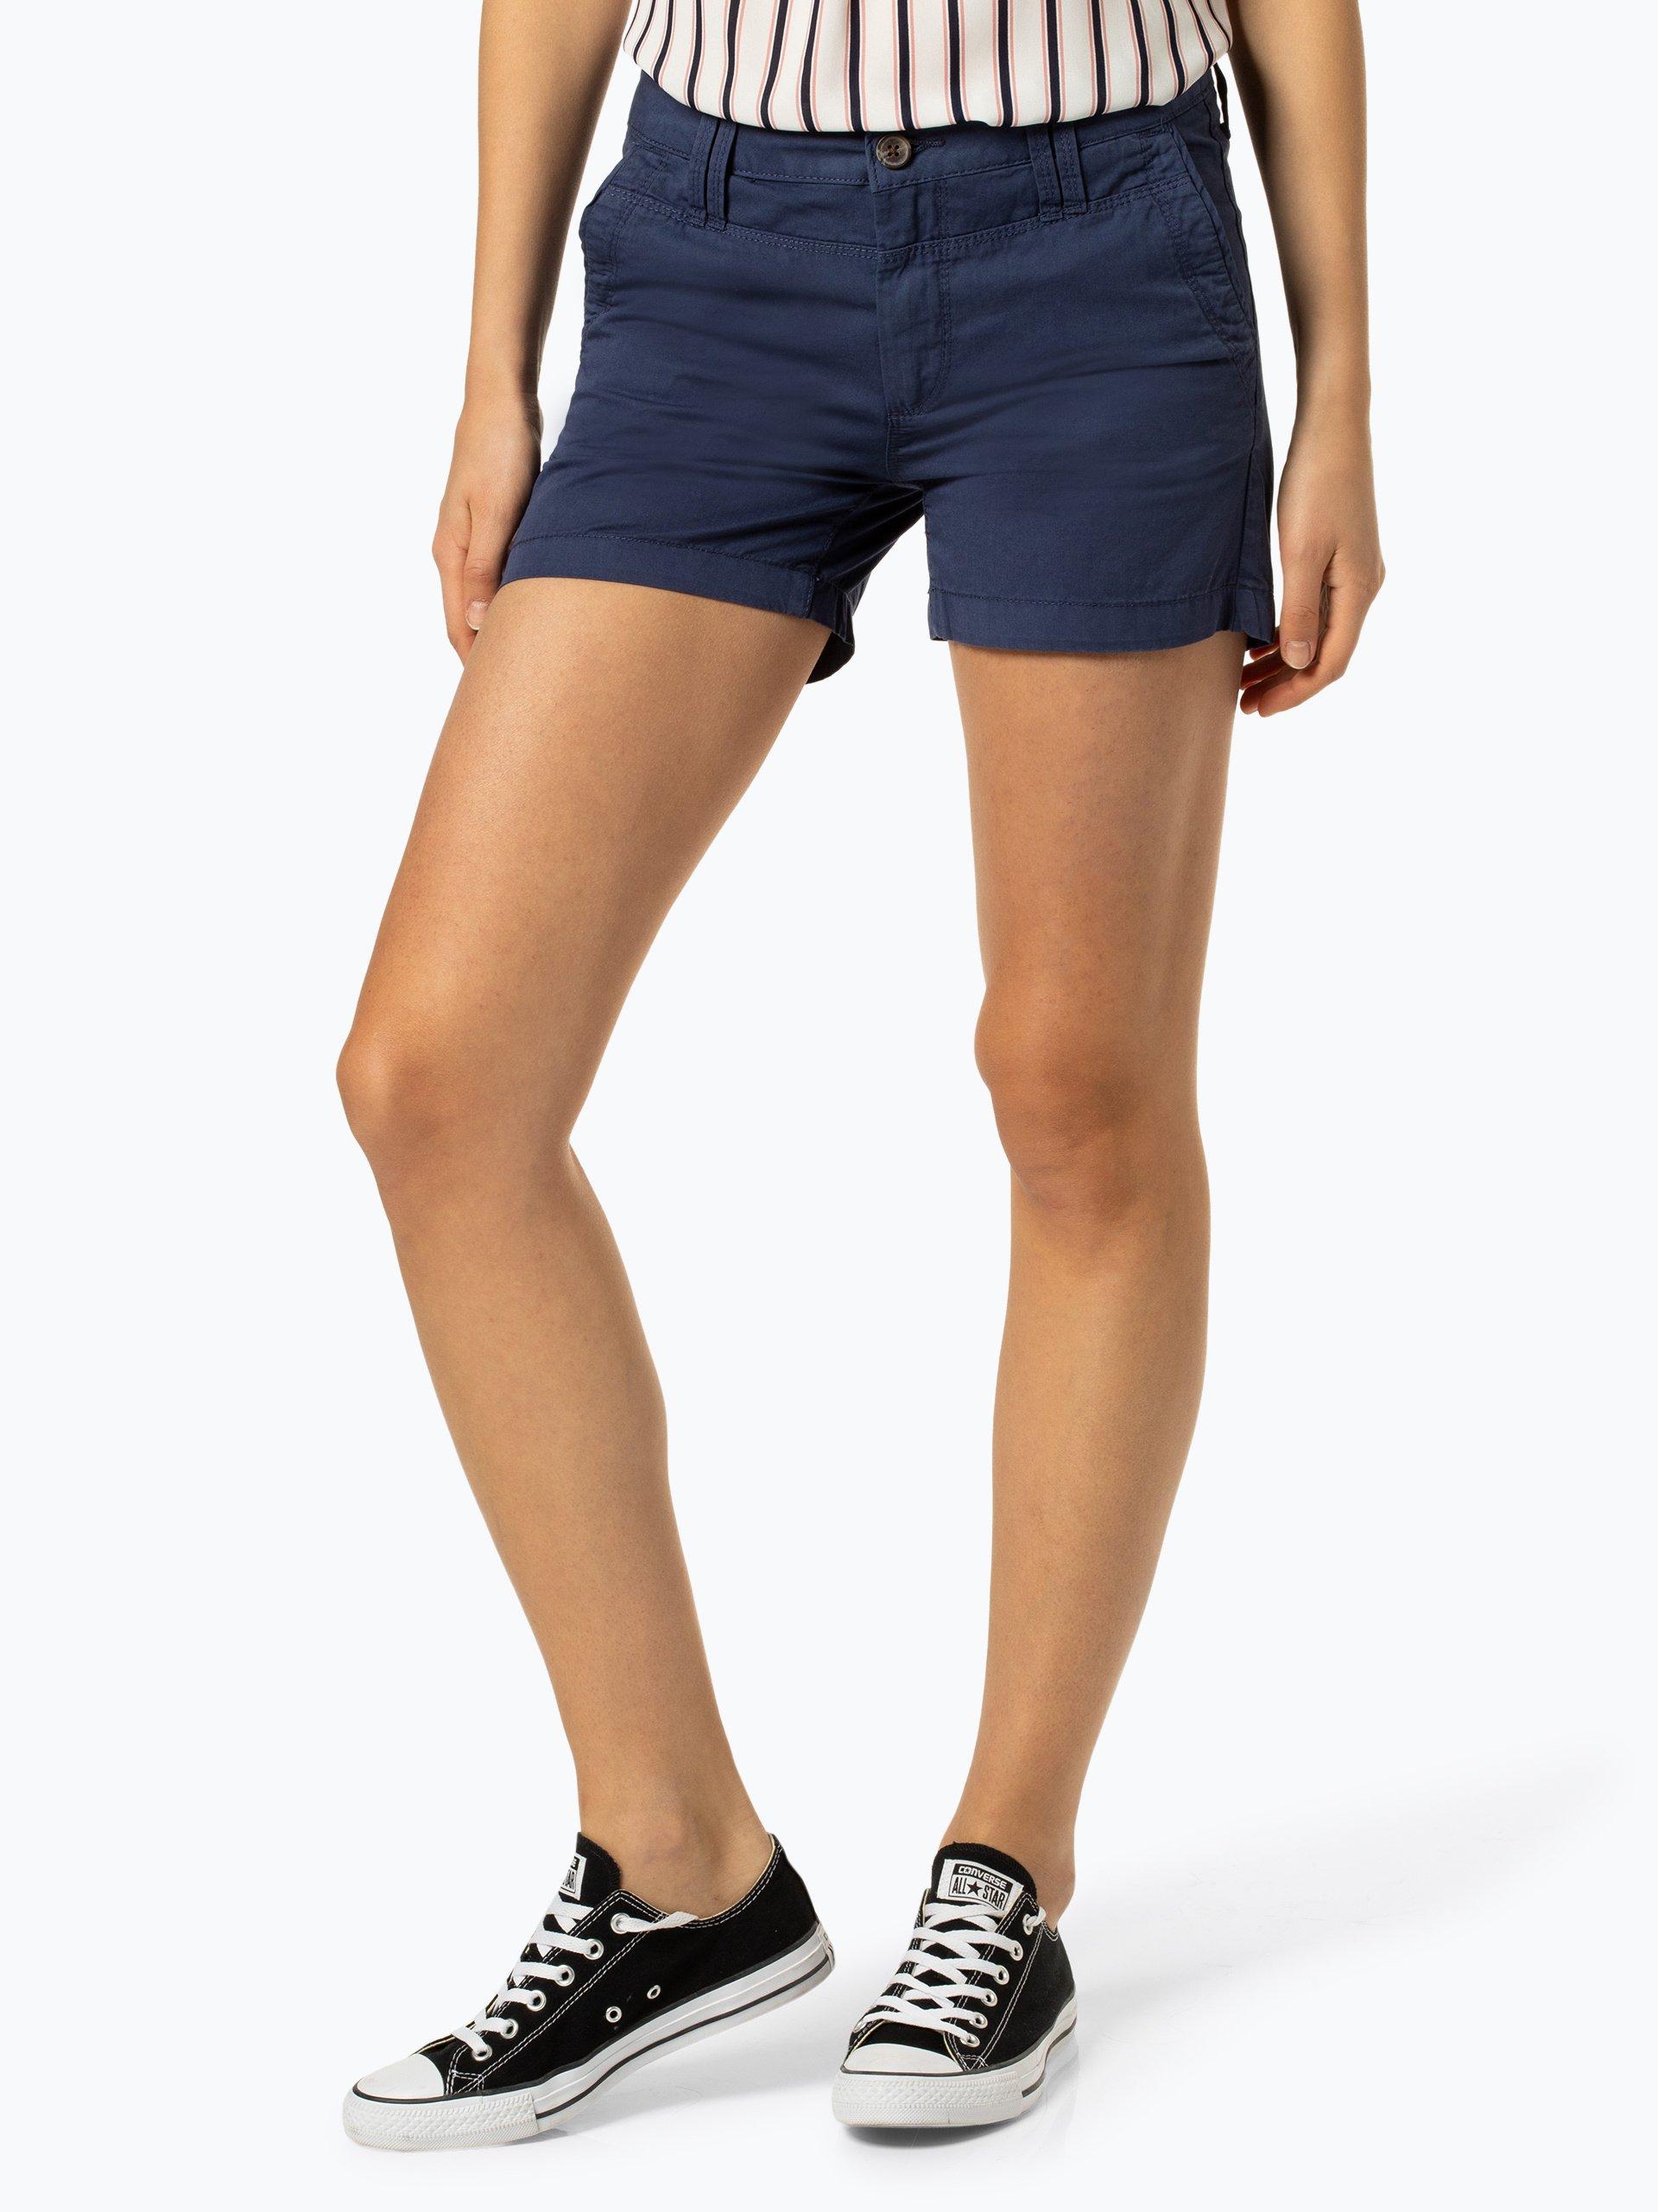 Pepe Jeans Damen Shorts - Balboa